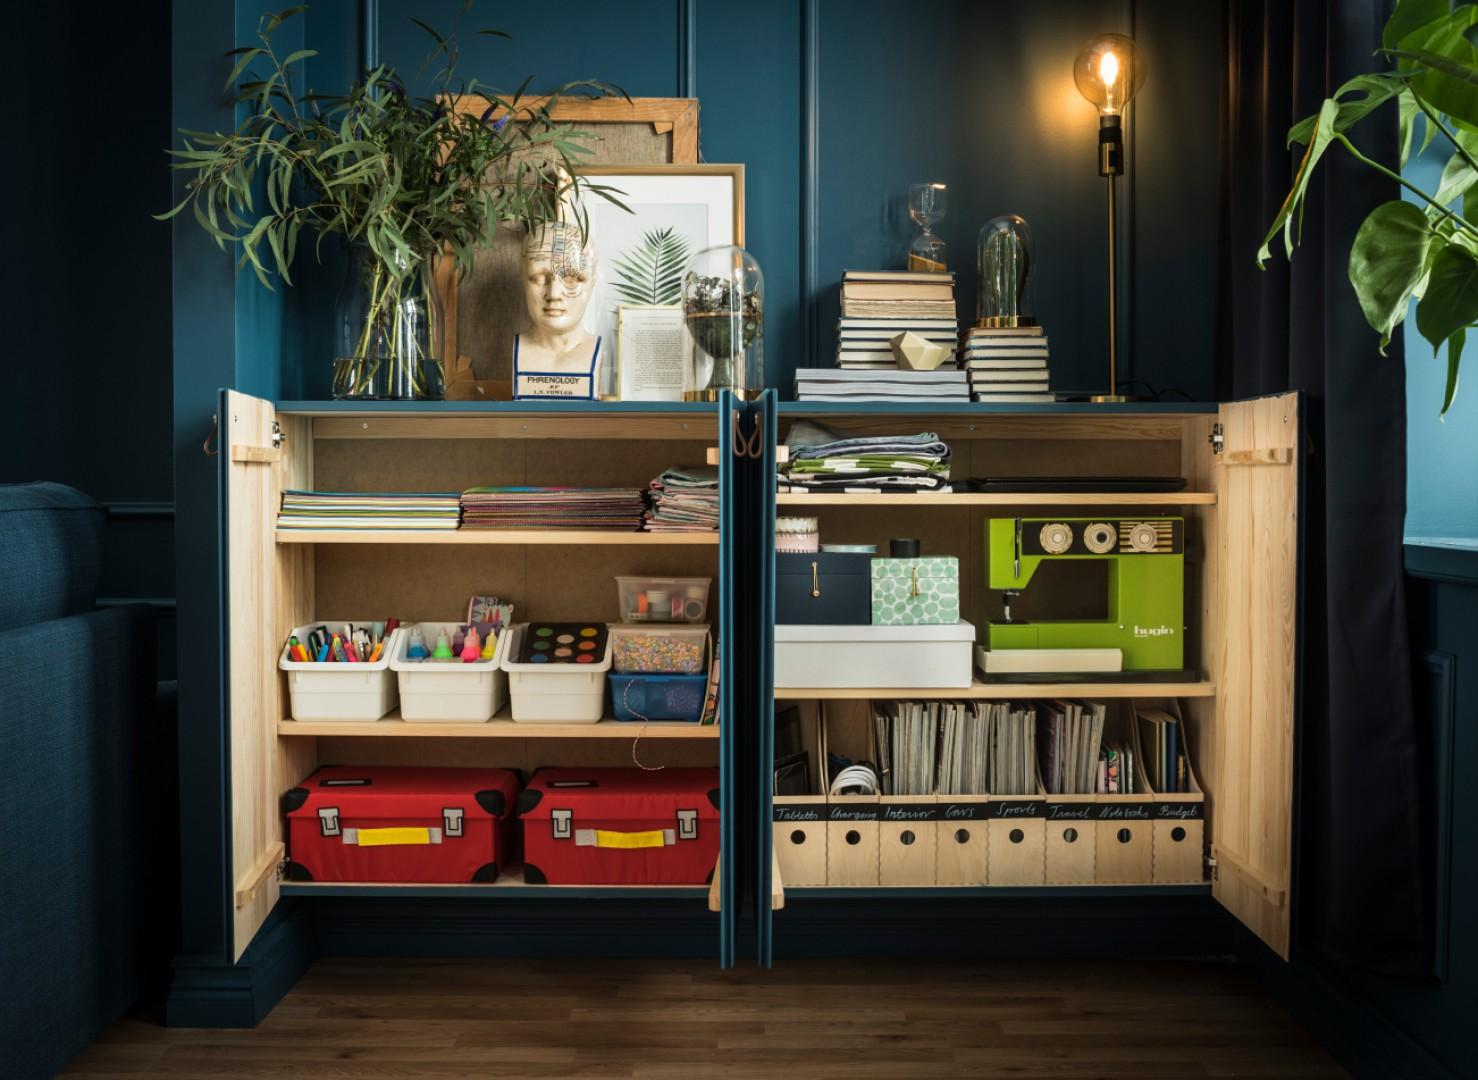 Regał Ivar (IKEA) od 50 lat dostępny jest na rynku. Fot. IKEA